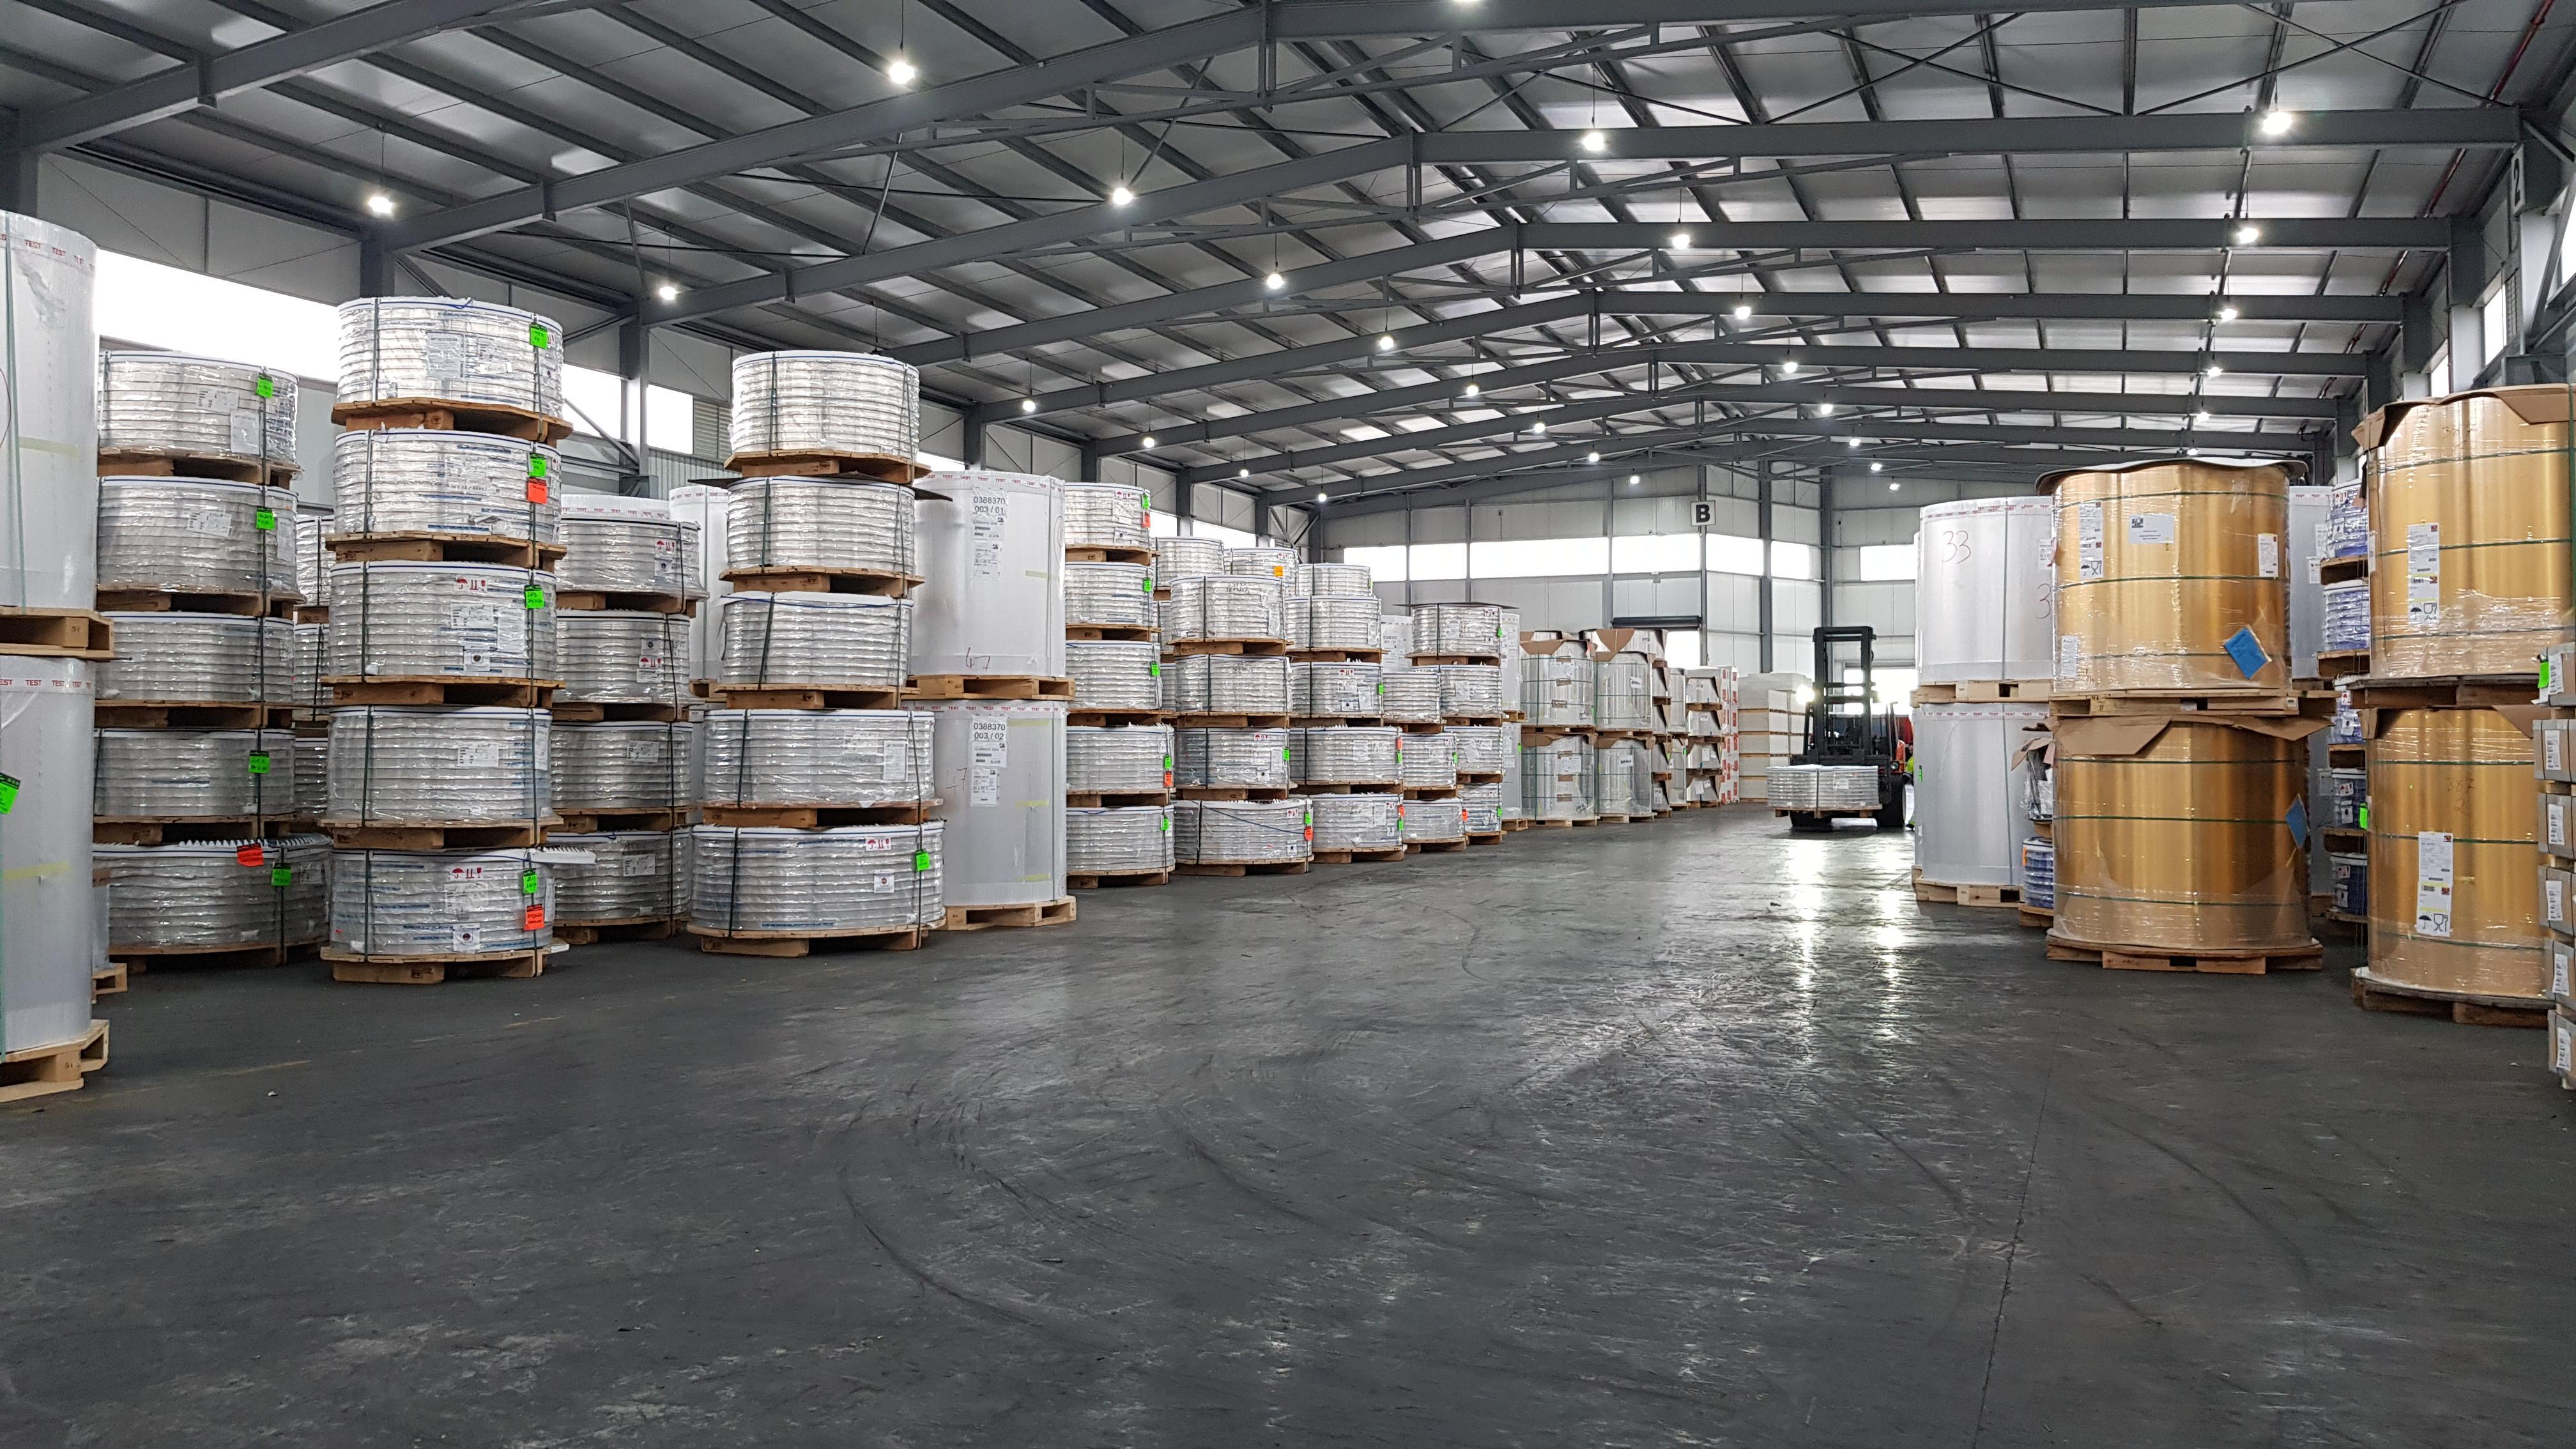 Sumamos nuevos volúmenes y confirmamos nuestra apuesta por el sector del aluminio